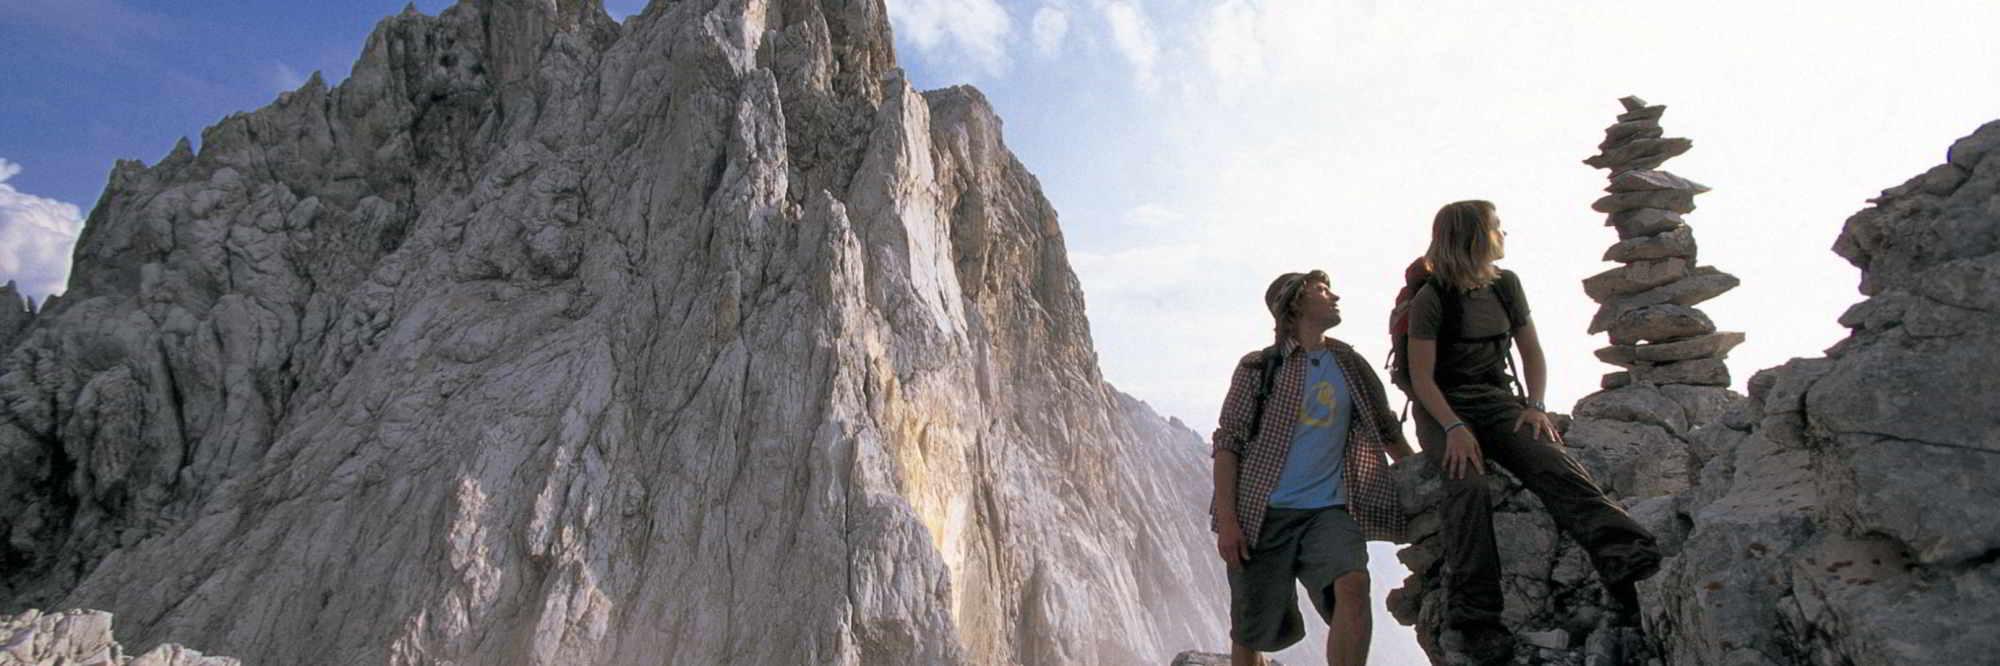 headerfoto Aeelaarsweg in Oostenrijk